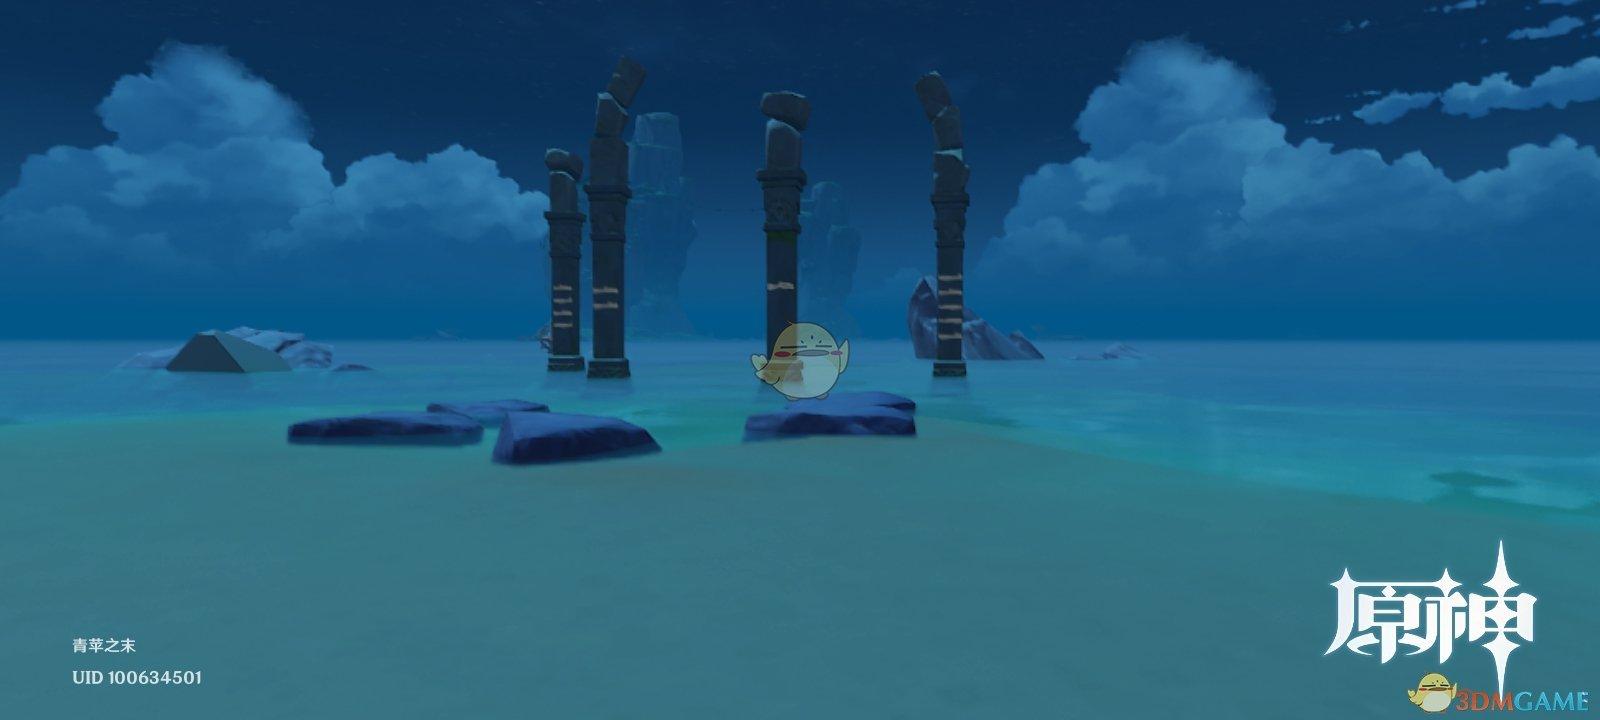 《原神》鸣声水位岛屿解密方法介绍